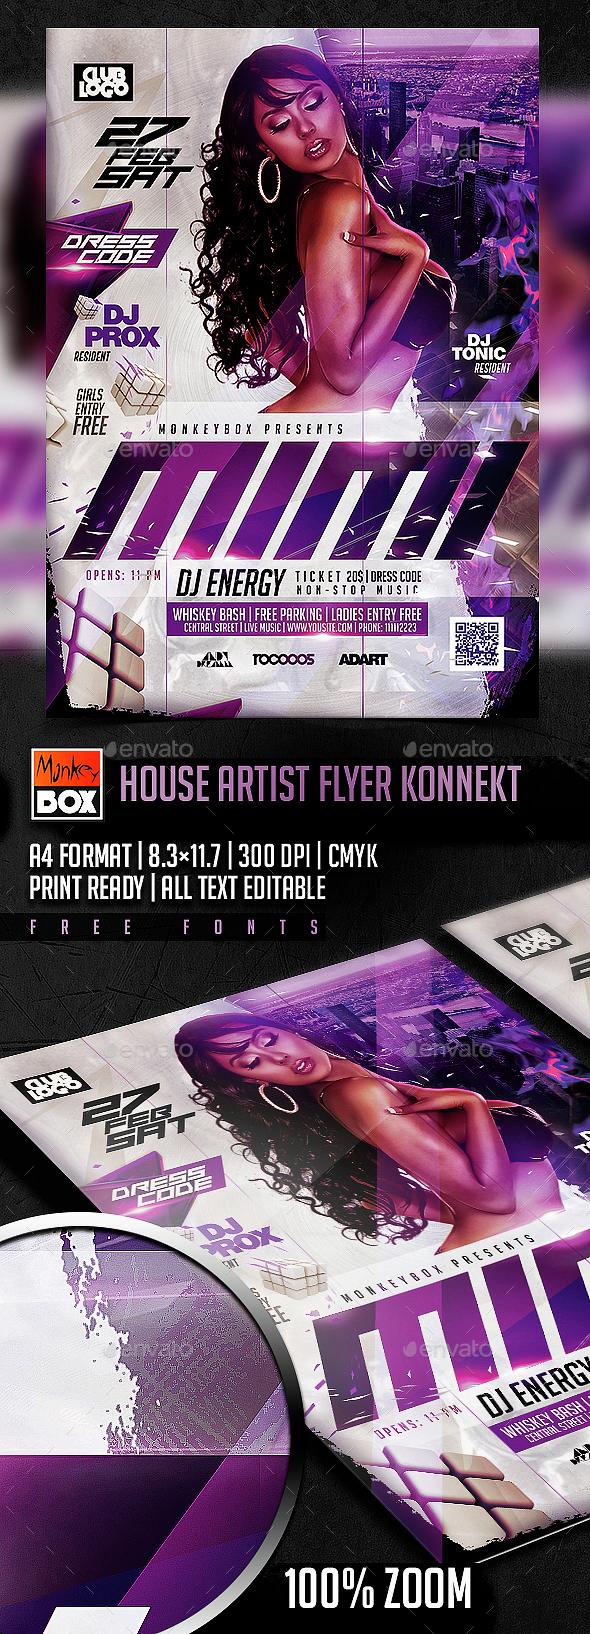 House Artist Flyer Konnekt - Clubs & Parties Events